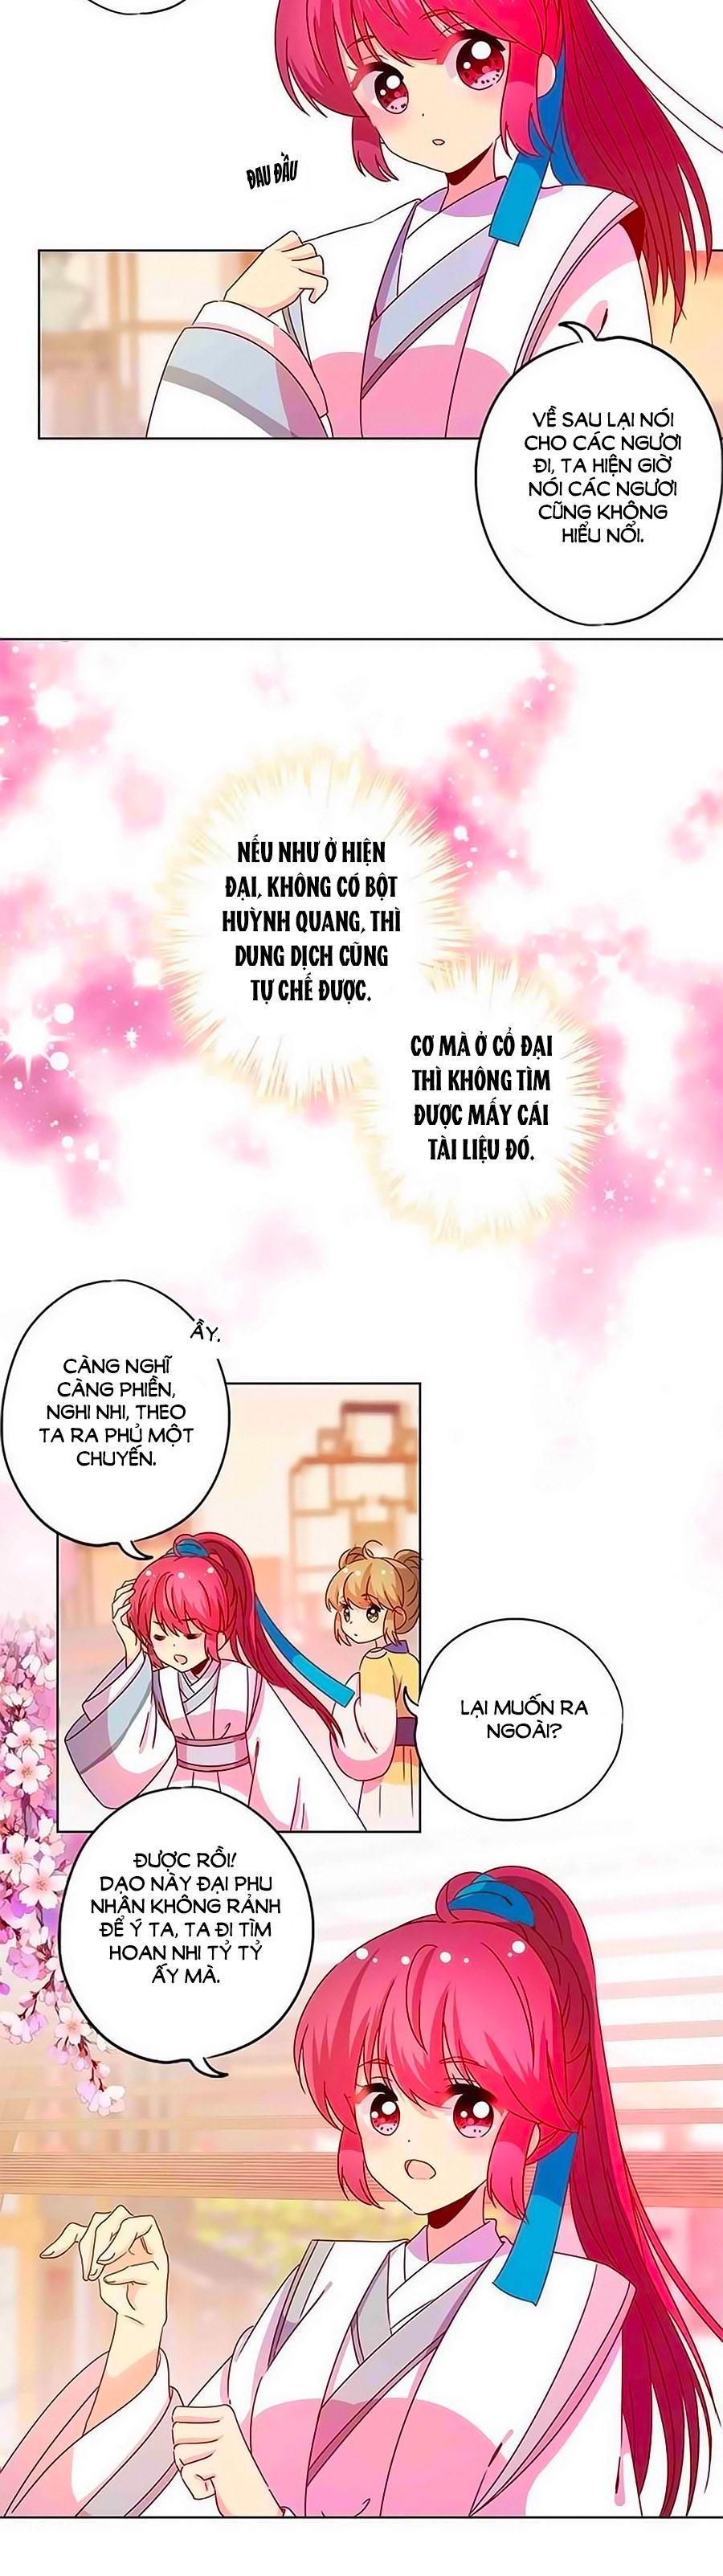 Hoàng Hậu Nương Nương Đích Năm Xu Đặc Hiệu chap 118 - Trang 7